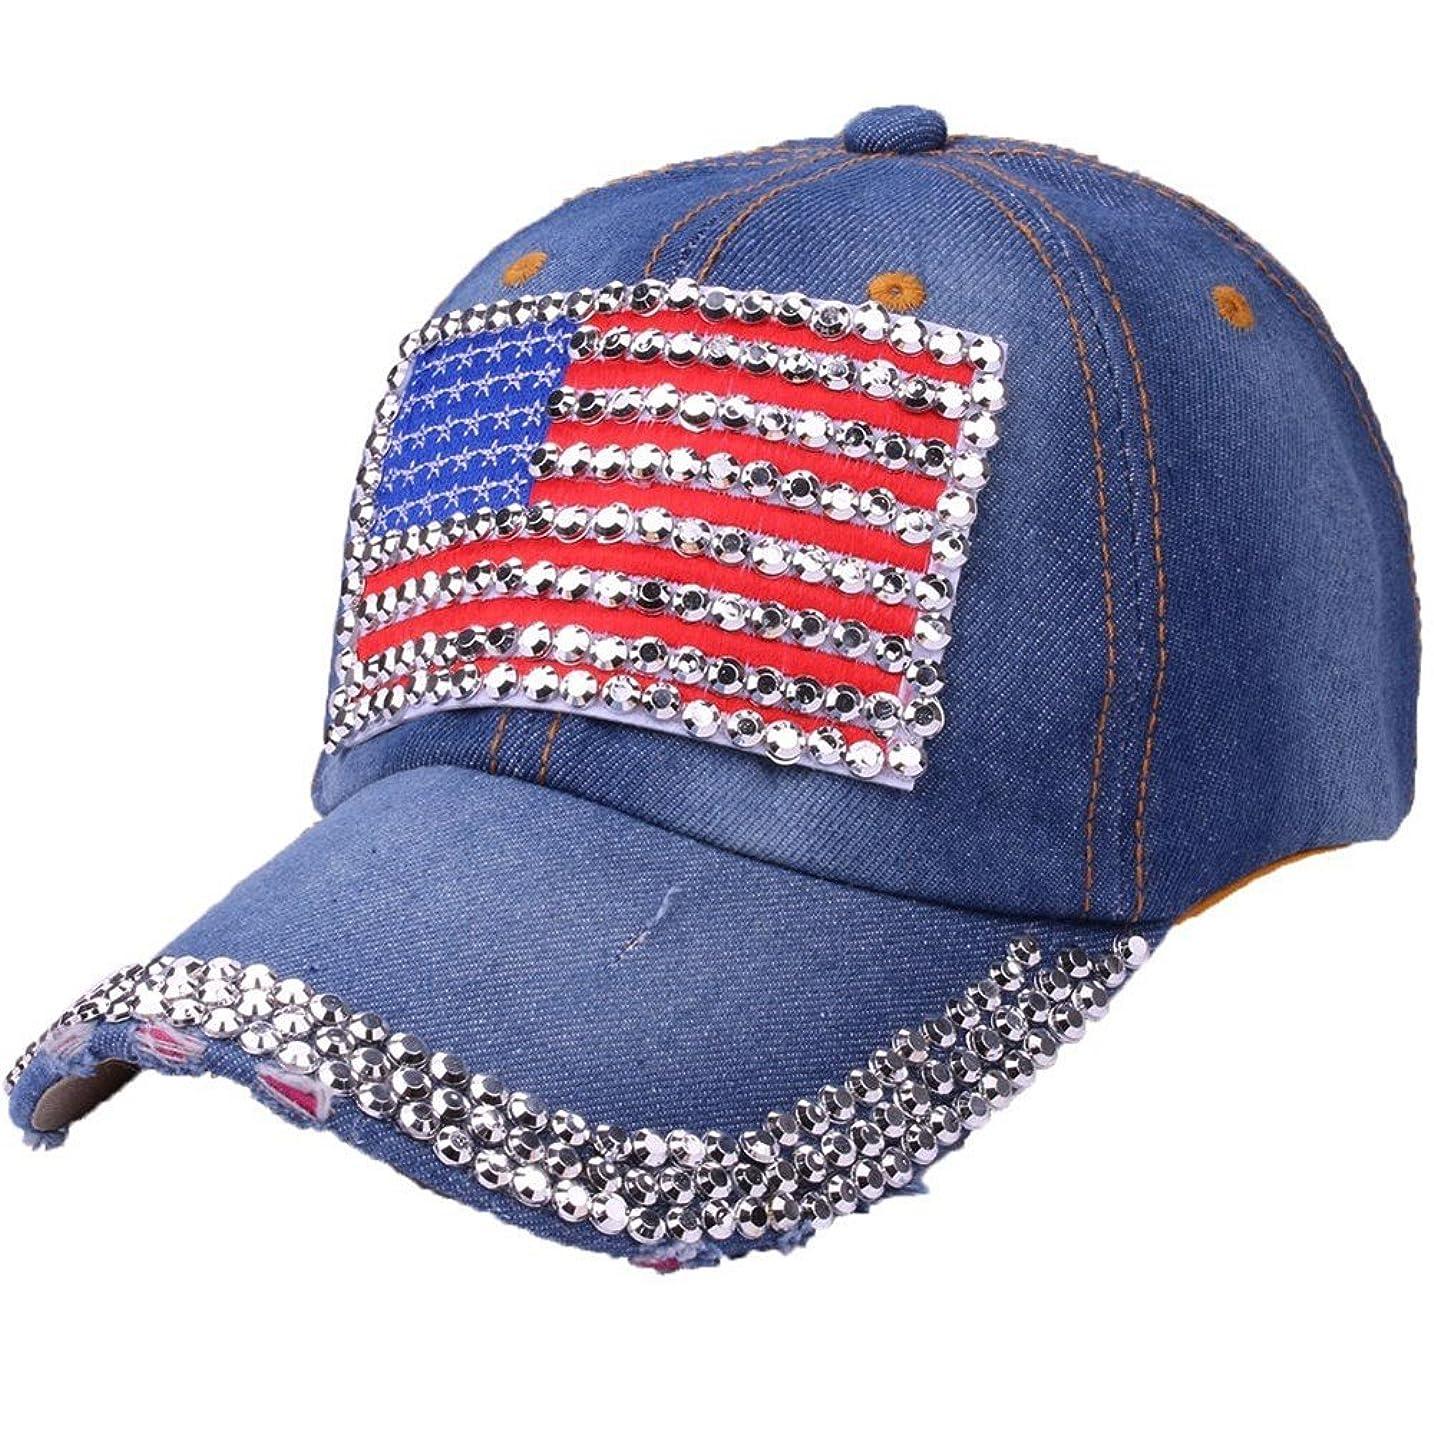 保存うつ稚魚Racazing Cap カウボーイ 野球帽 ヒップホップ 通気性のある ラインストーン 帽子 夏 登山 アメリカの旗 可調整可能 棒球帽 男女兼用 UV 帽子 軽量 屋外 ジーンズ Unisex Cap (C)